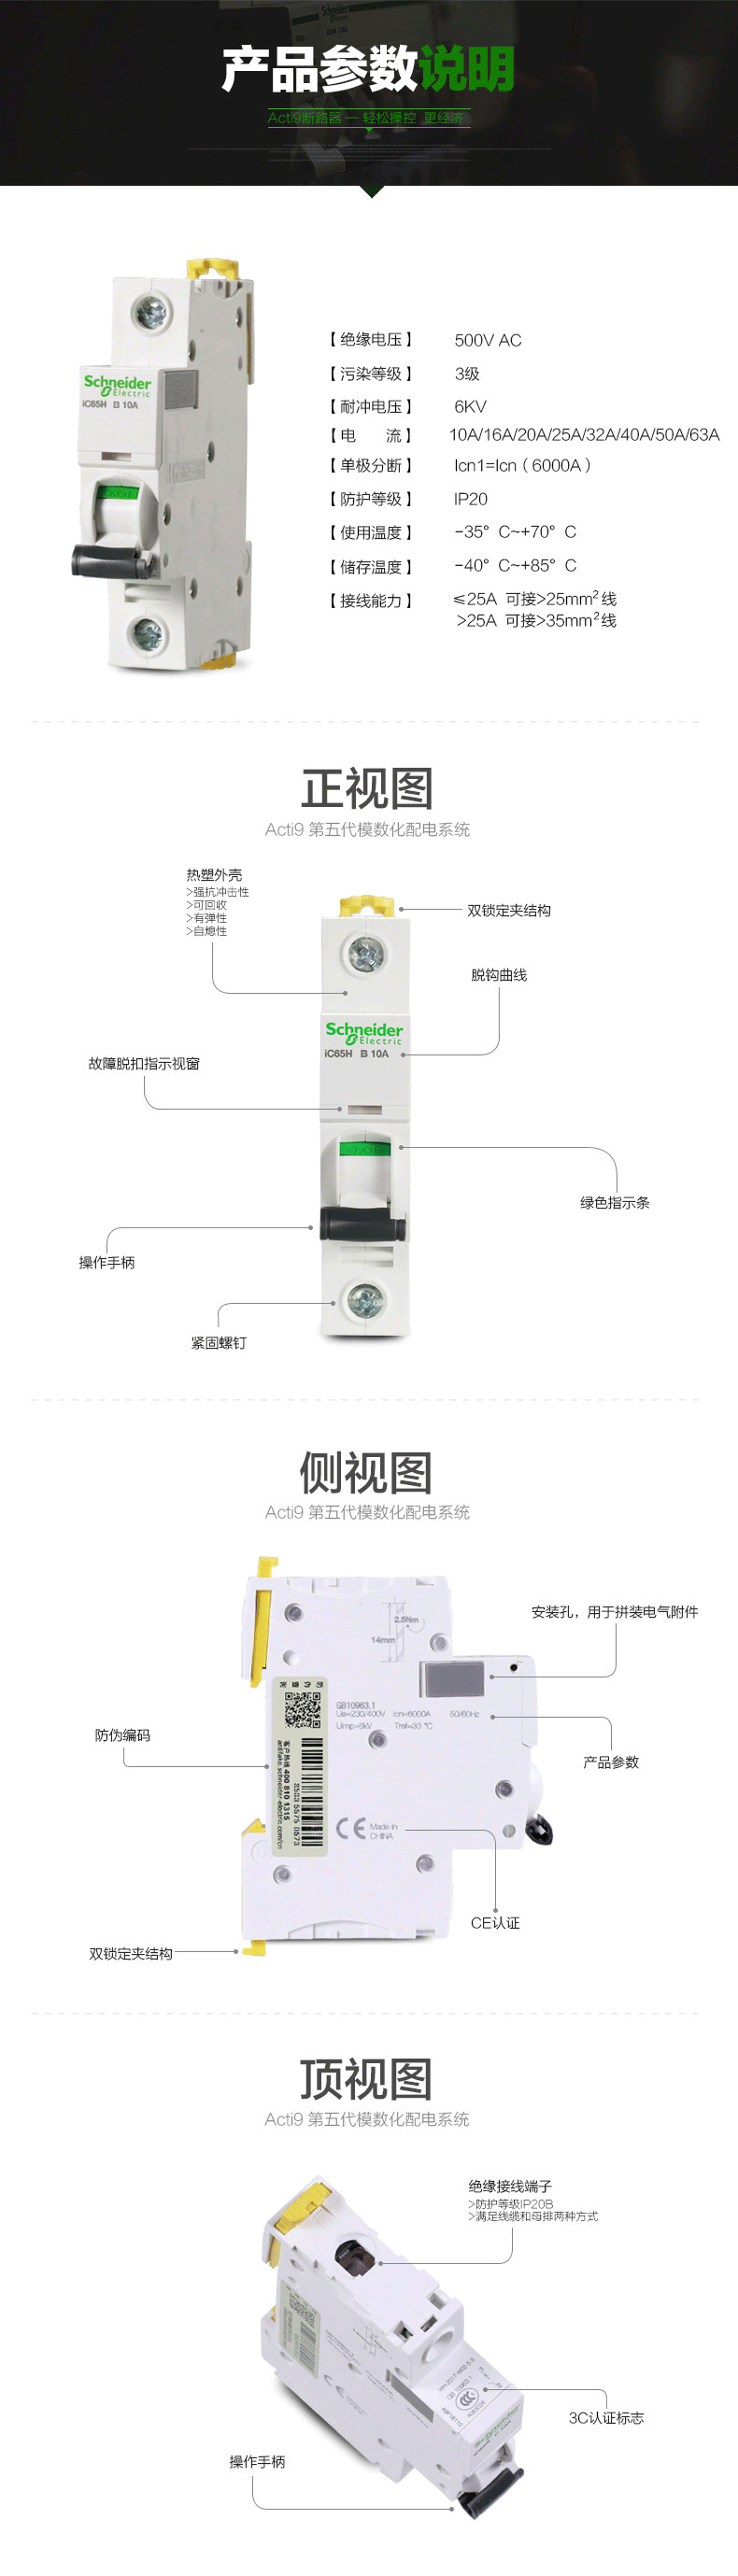 施耐德Schneider 小型断路器 微型空气开关  iC65H 1P C 50A 63A产品实拍